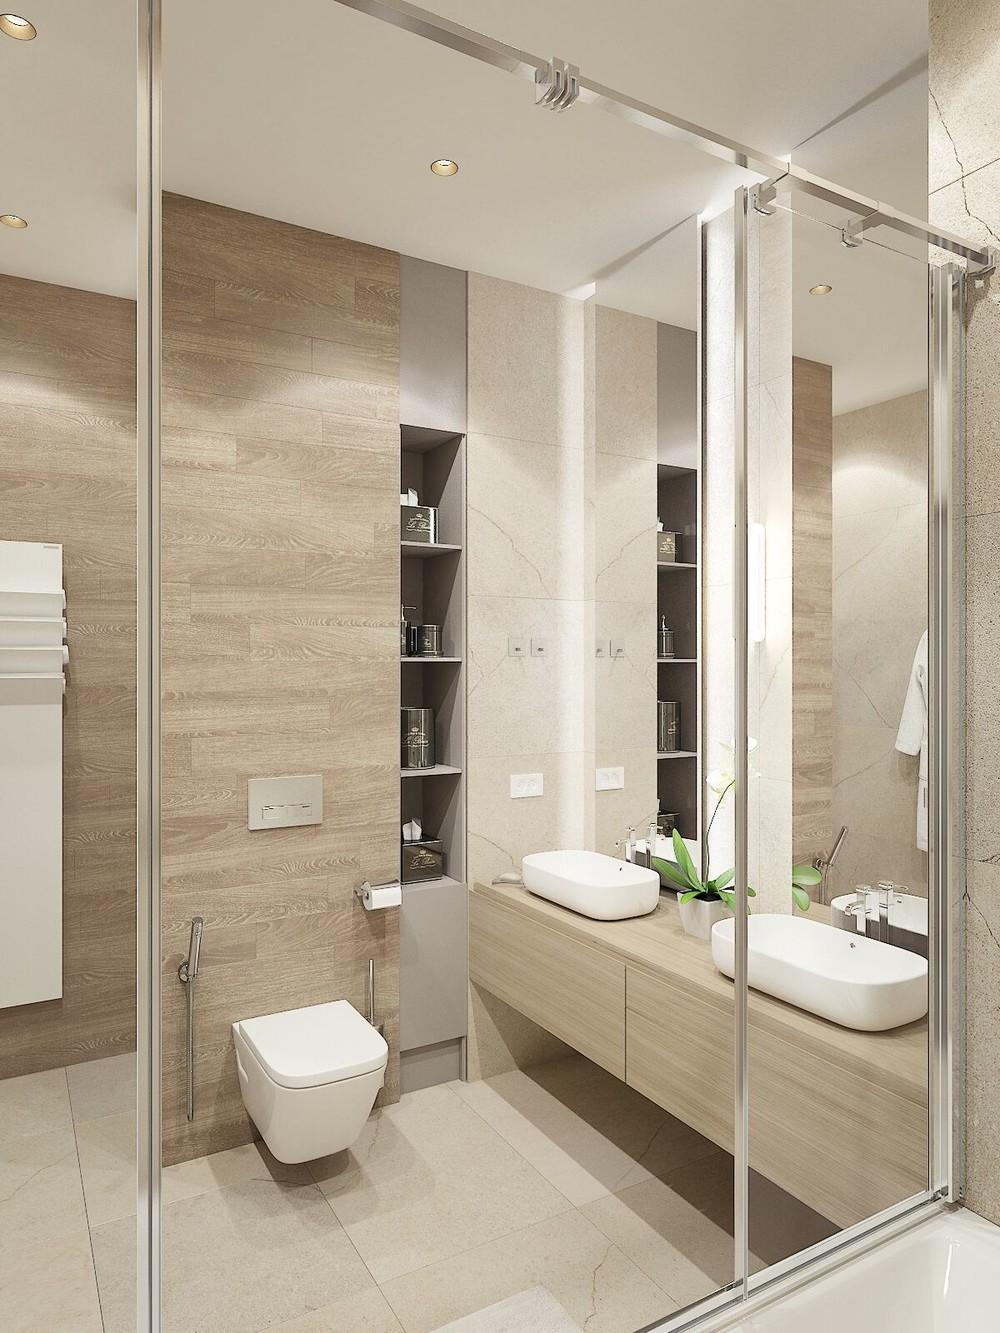 Квартира «ЖК Олимпийская Ривьера Новогорск», ванная, фото из проекта